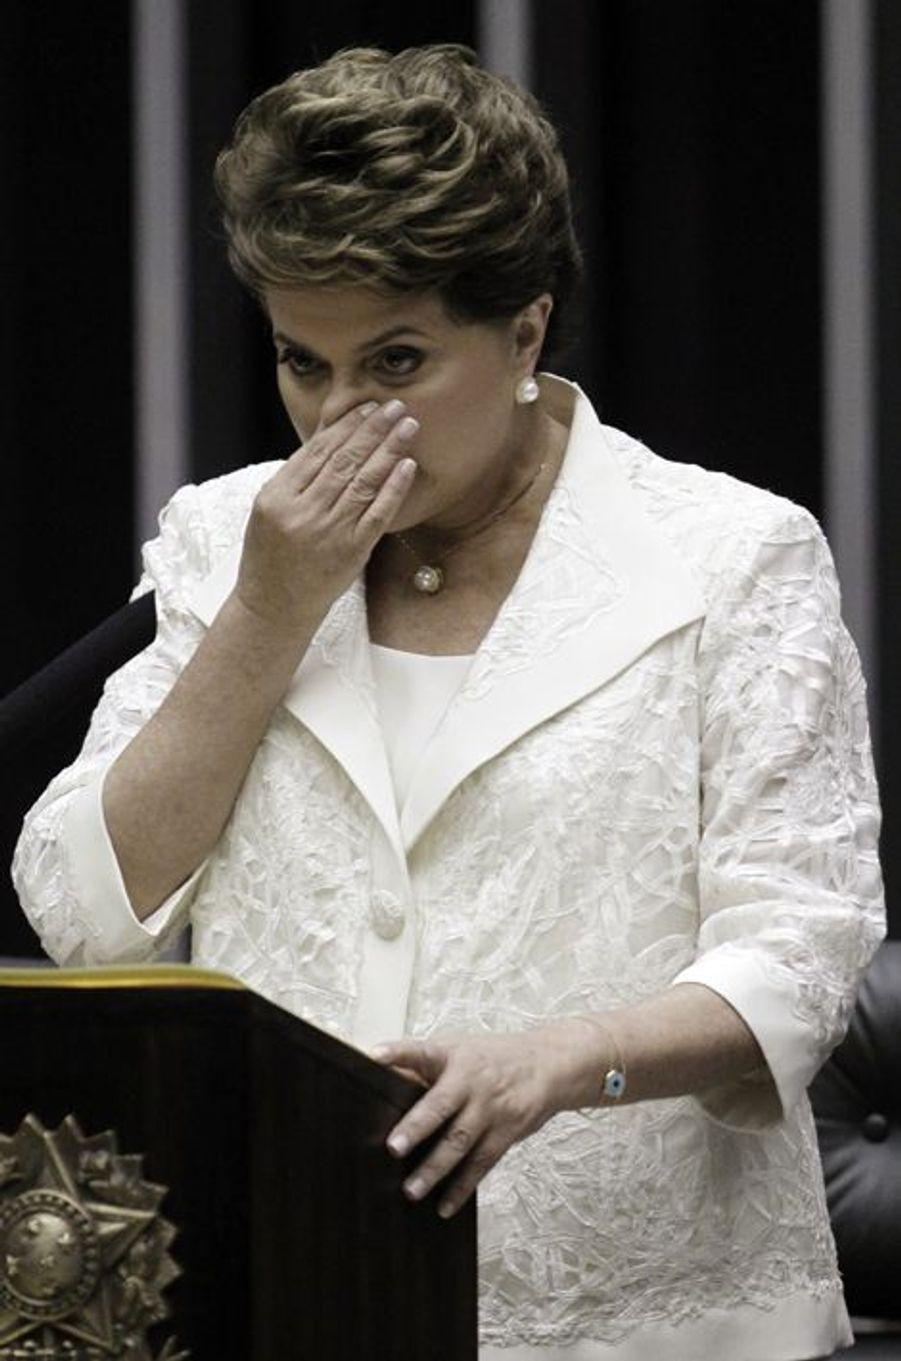 Dilma Rousseff émue aux larmes lors de son discours d'inauguration en tant que Présidente du Brésil, en janvier 2011